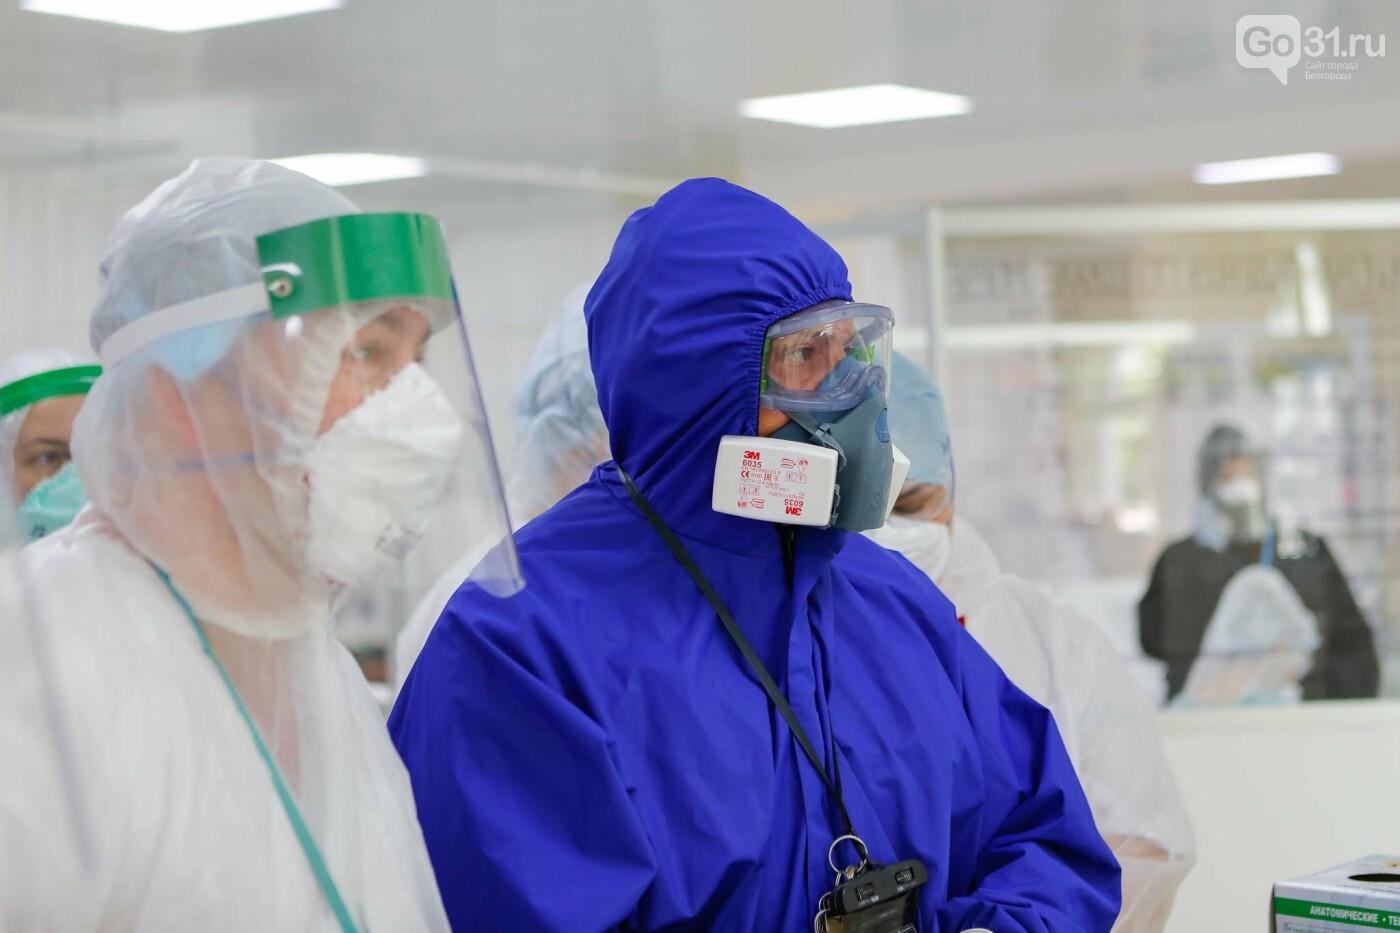 Что происходит в ковид-госпитале Белгорода. Фоторепортаж из «красной» зоны, фото-14, Фото: Антон Вергун